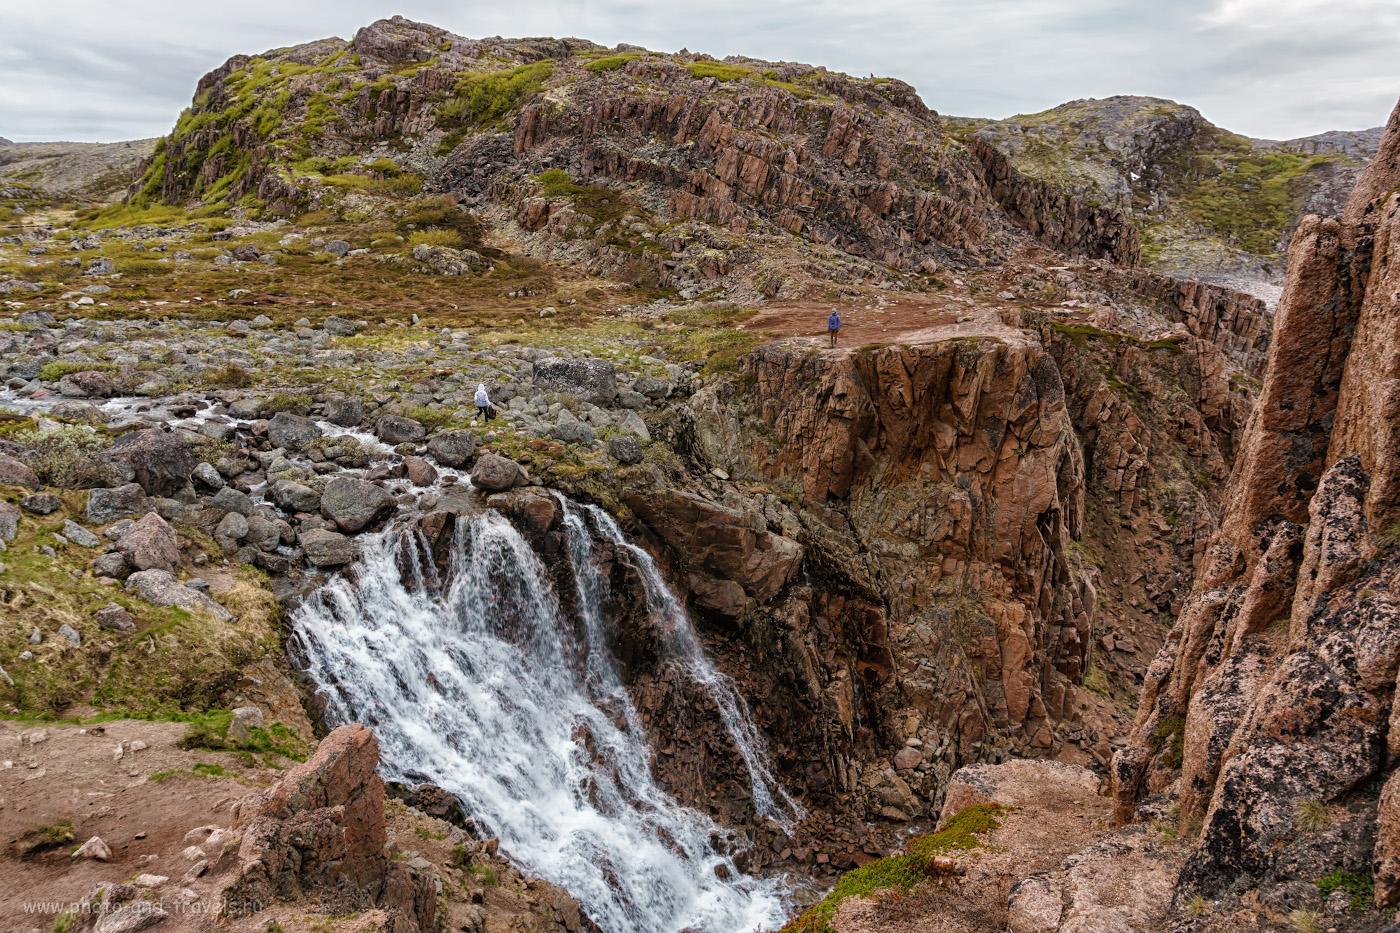 Фотография 38. Вид на Териберский водопад. Моя поездка из Мурманска в Териберку.